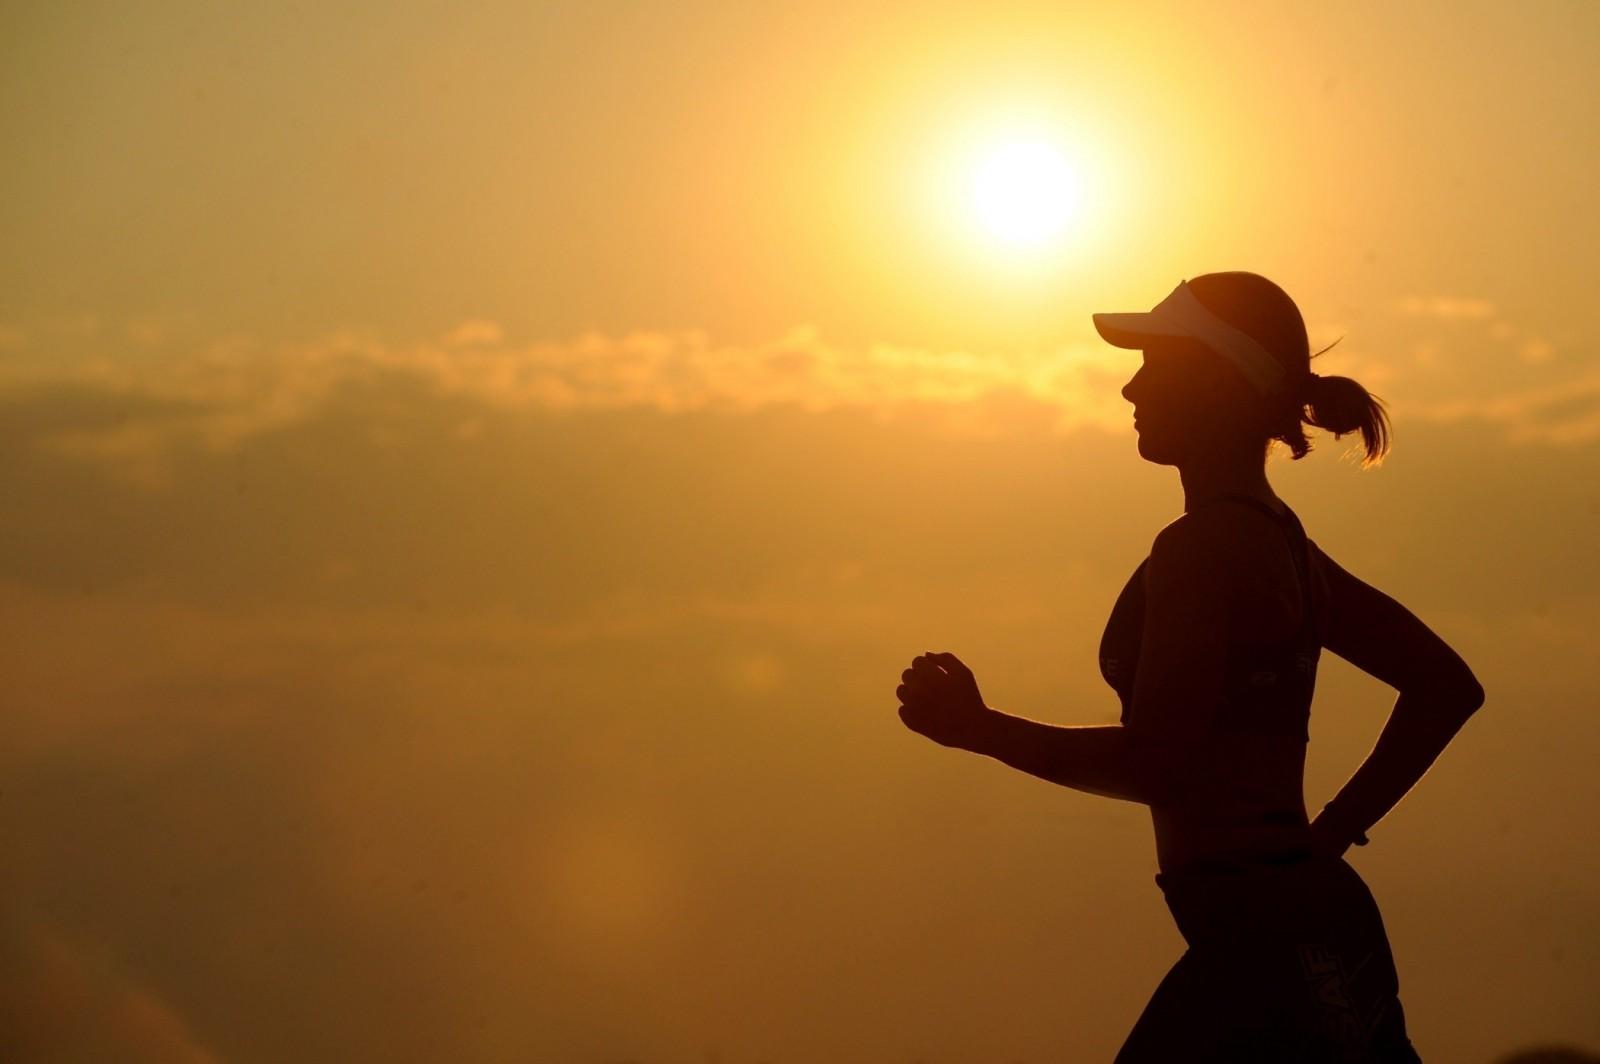 running-runner-long-distance-fitness-female